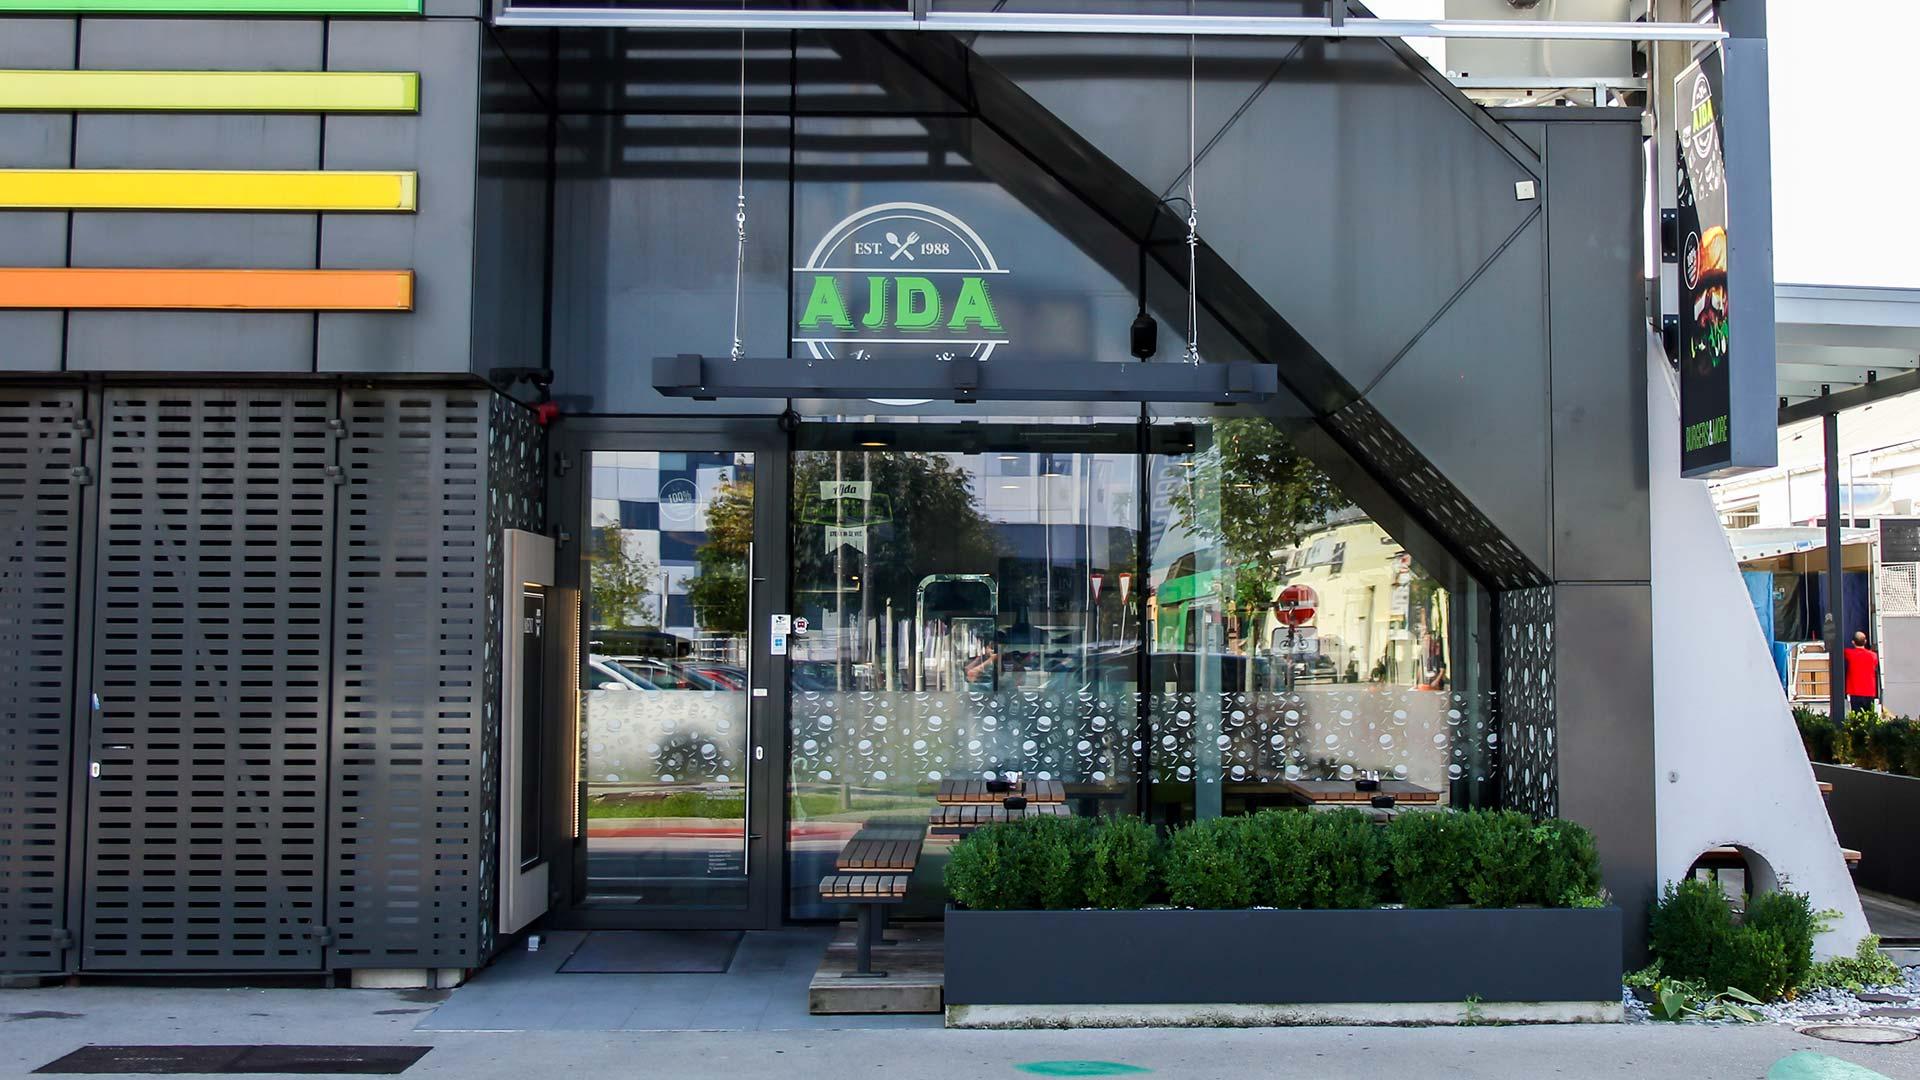 AJDA Burgers&More